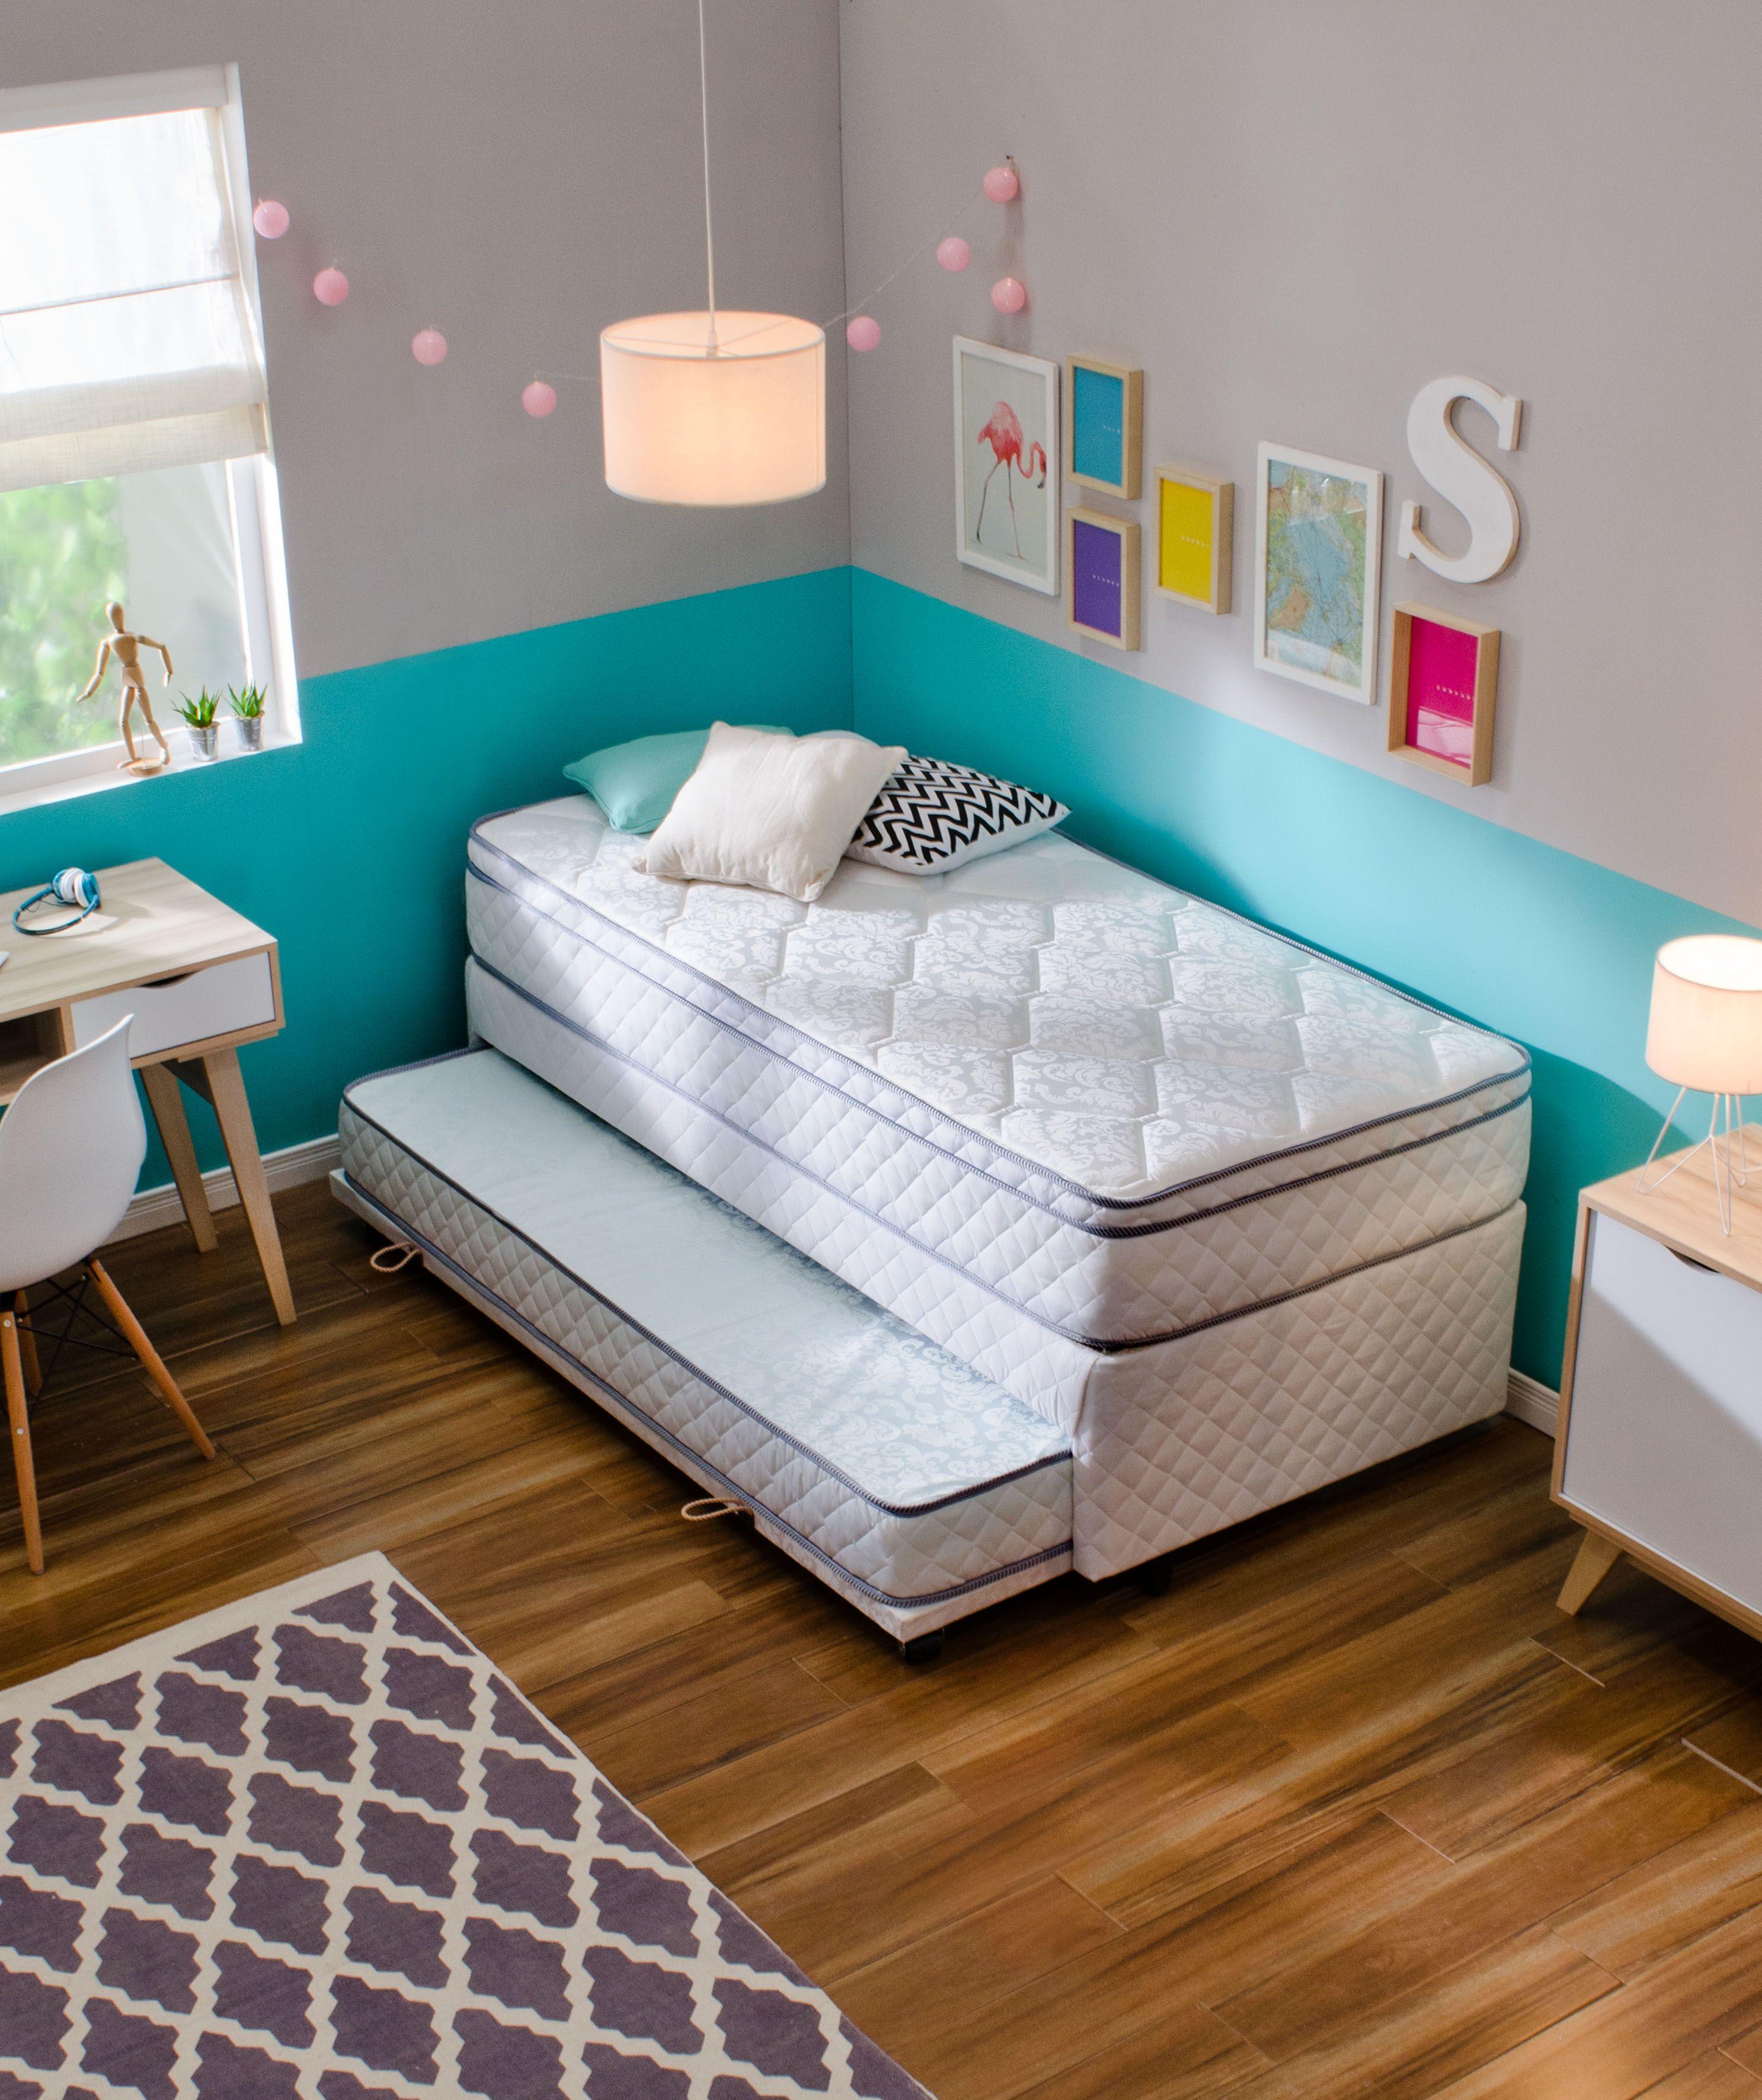 Colores alegres para un cuarto luminoso colores - Combinacion colores habitacion ...